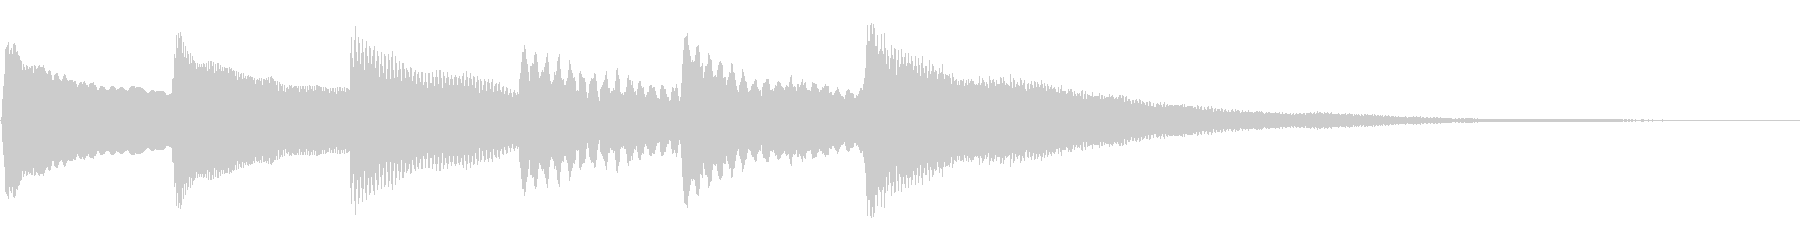 チャイム、通知音の未再生の波形